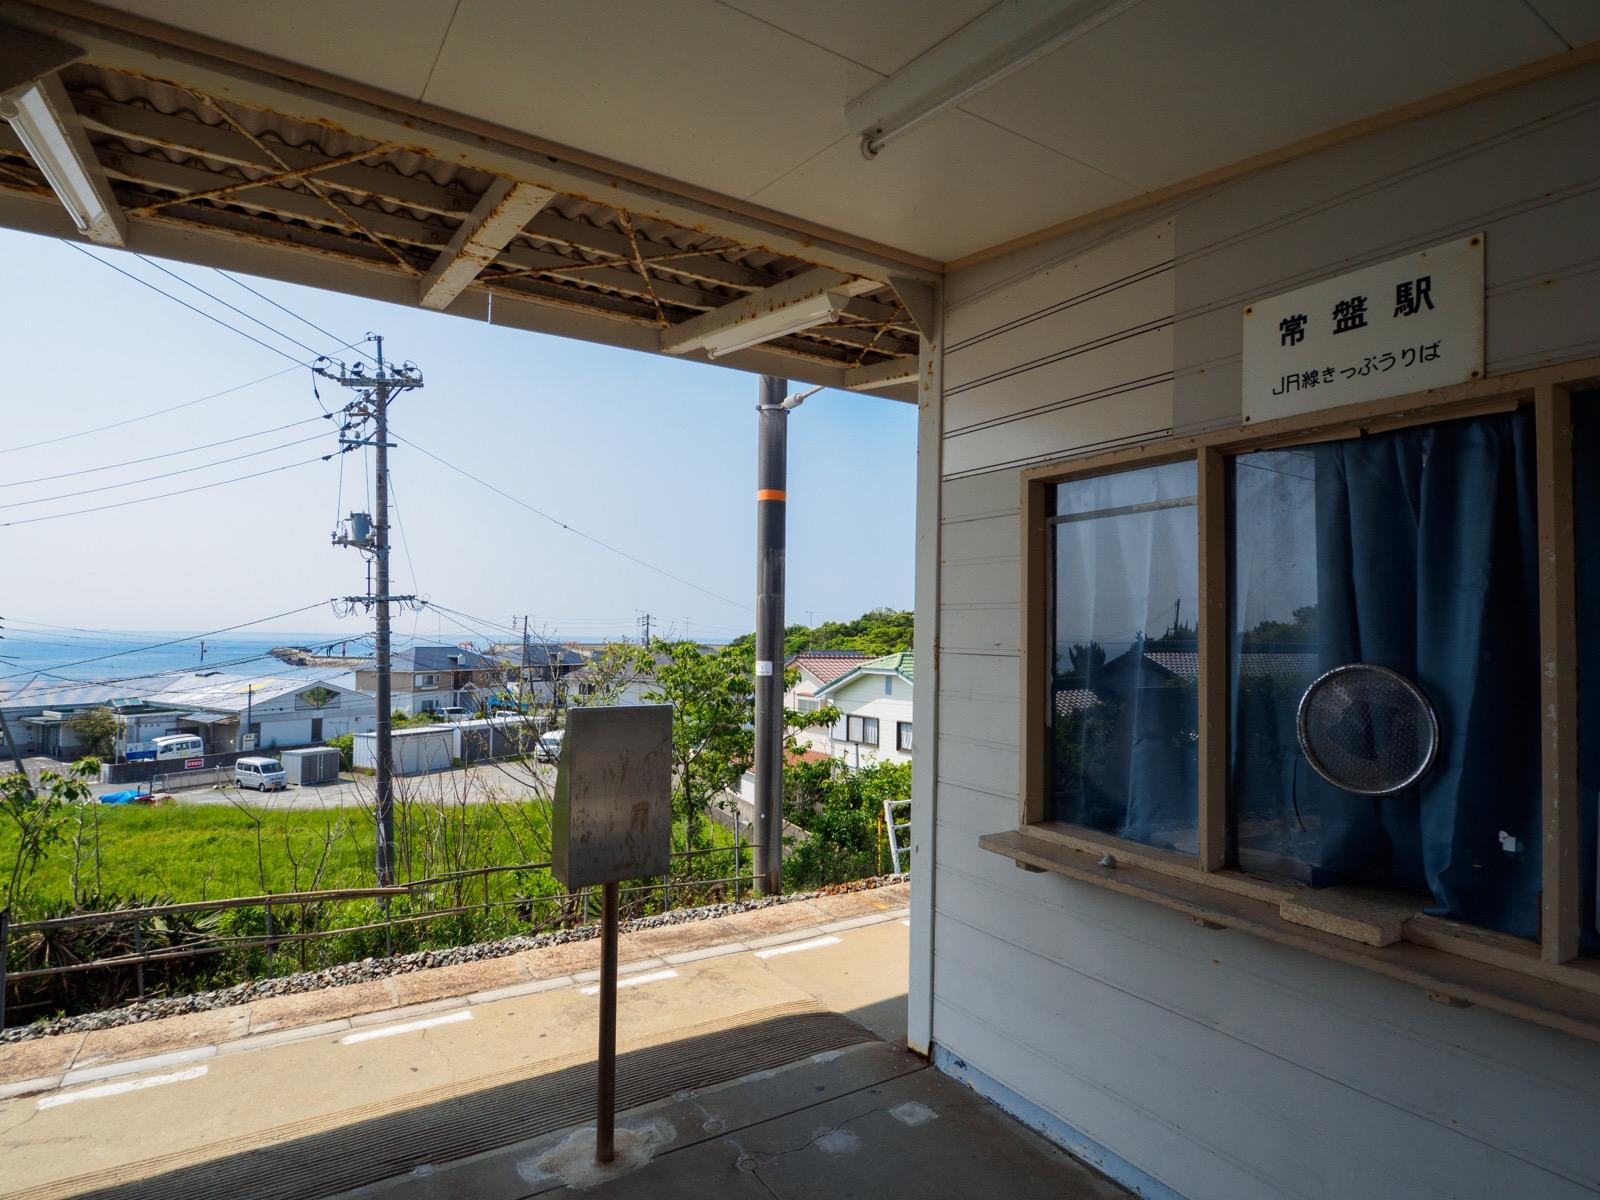 常盤駅のホームから見る瀬戸内海